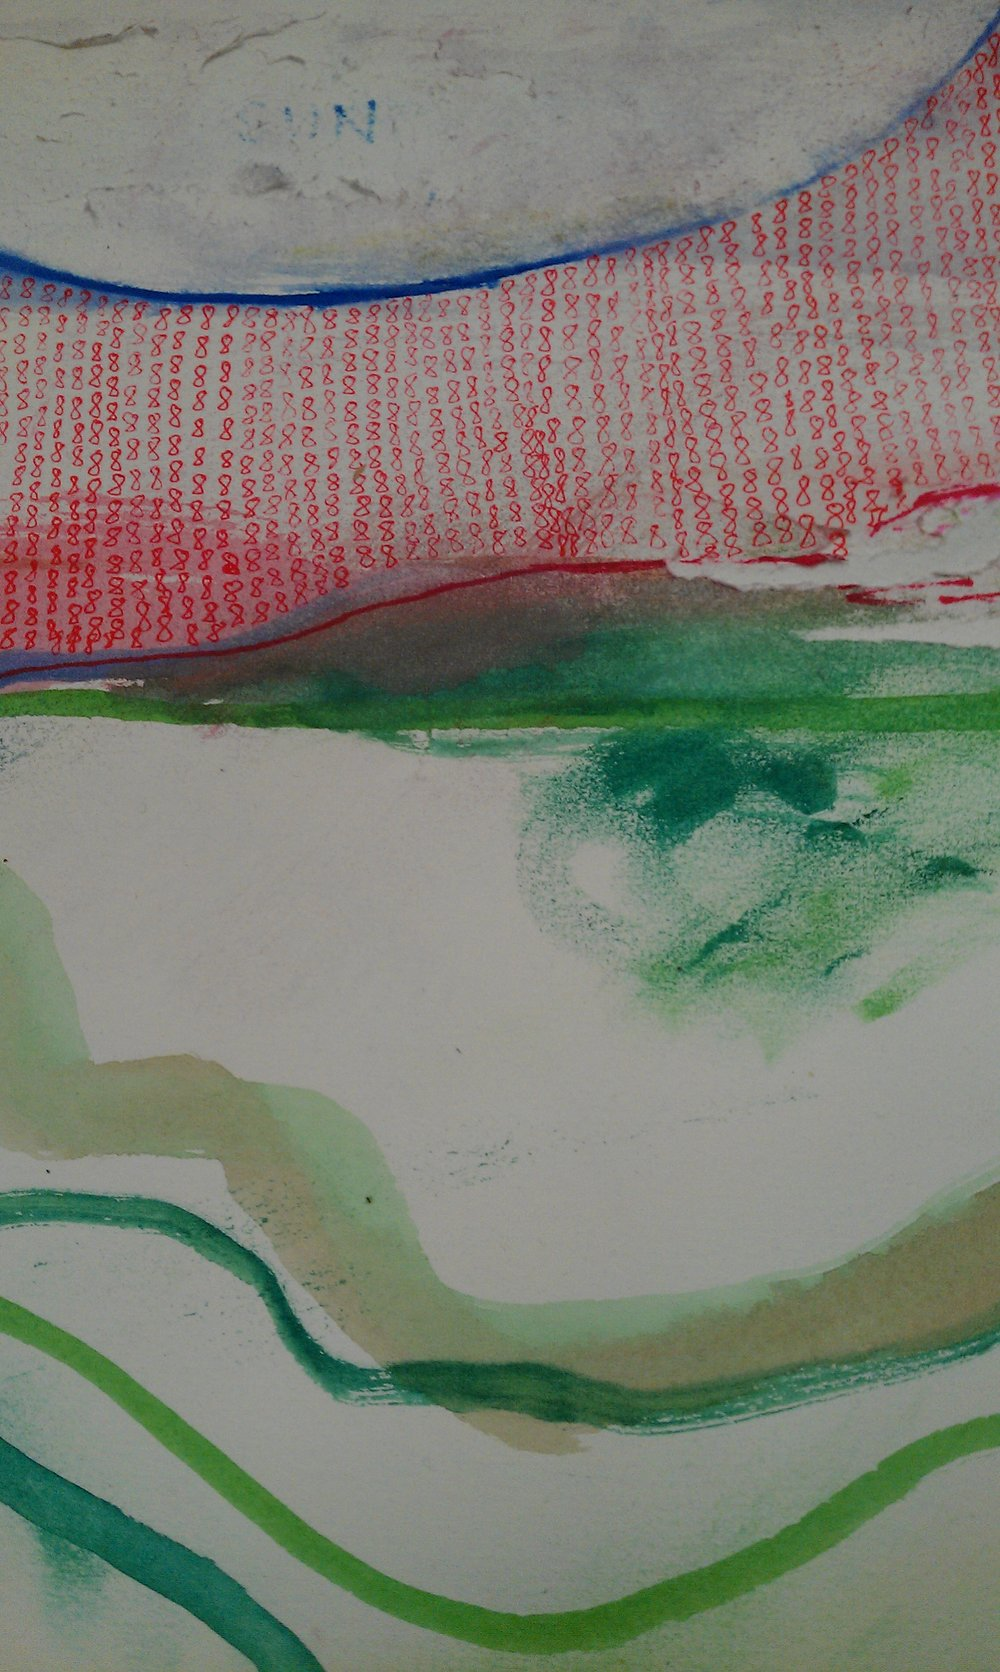 2011-10-03 20.55.28.jpg